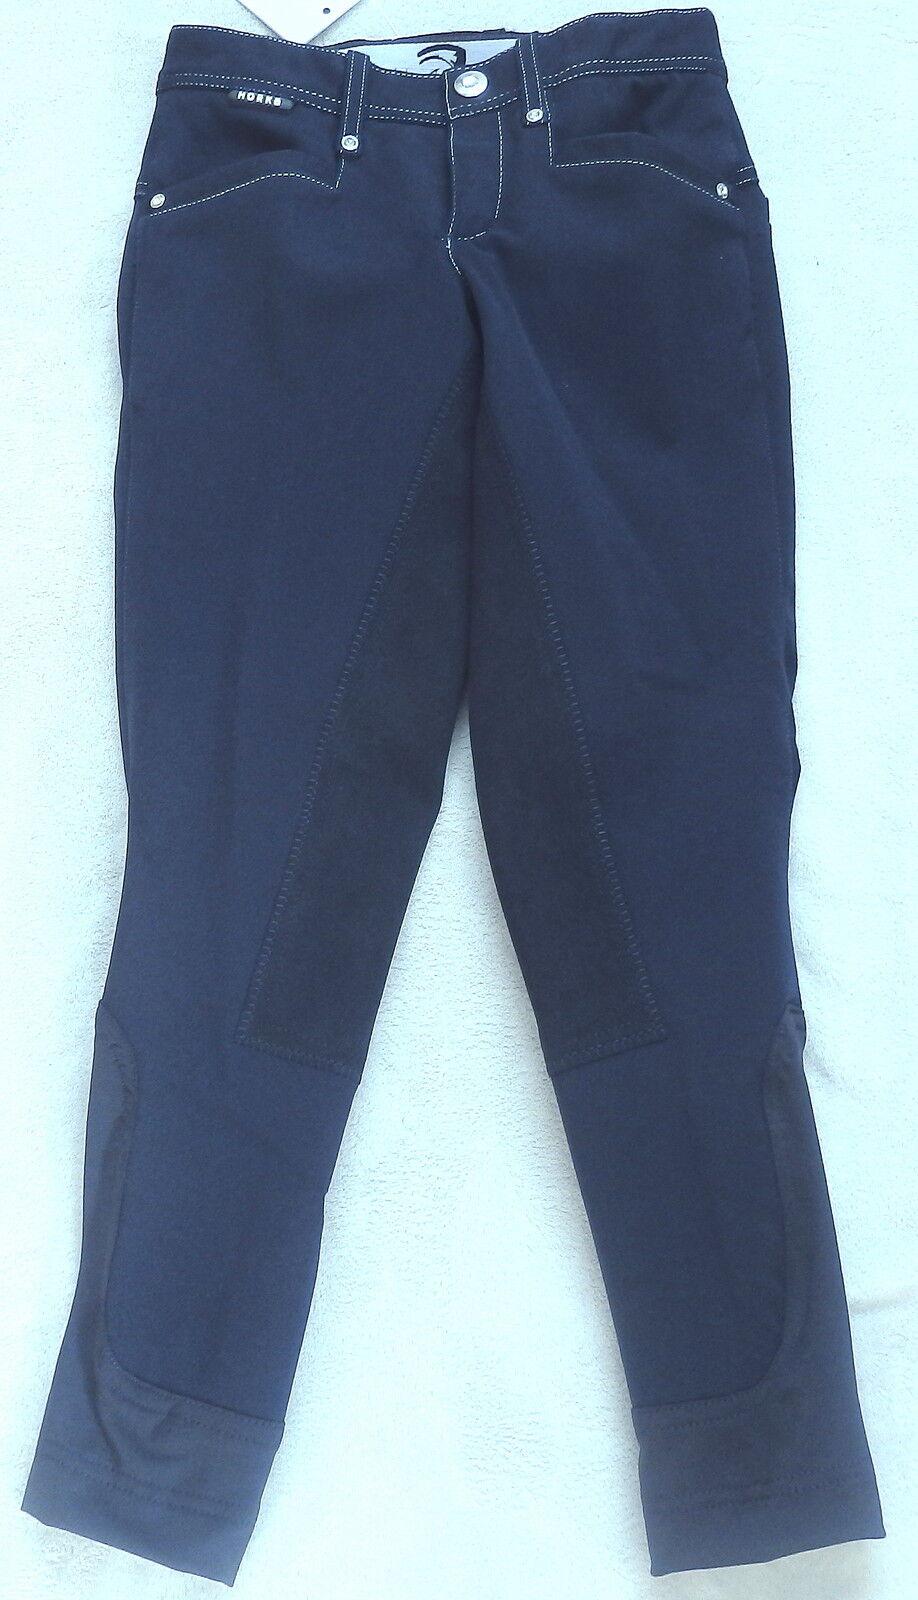 Horka Donna Pantaloni Montala, guarnizione in pieno, Blu scuro, dimensioni 36, modelloLO ATHENA Elasta (5)